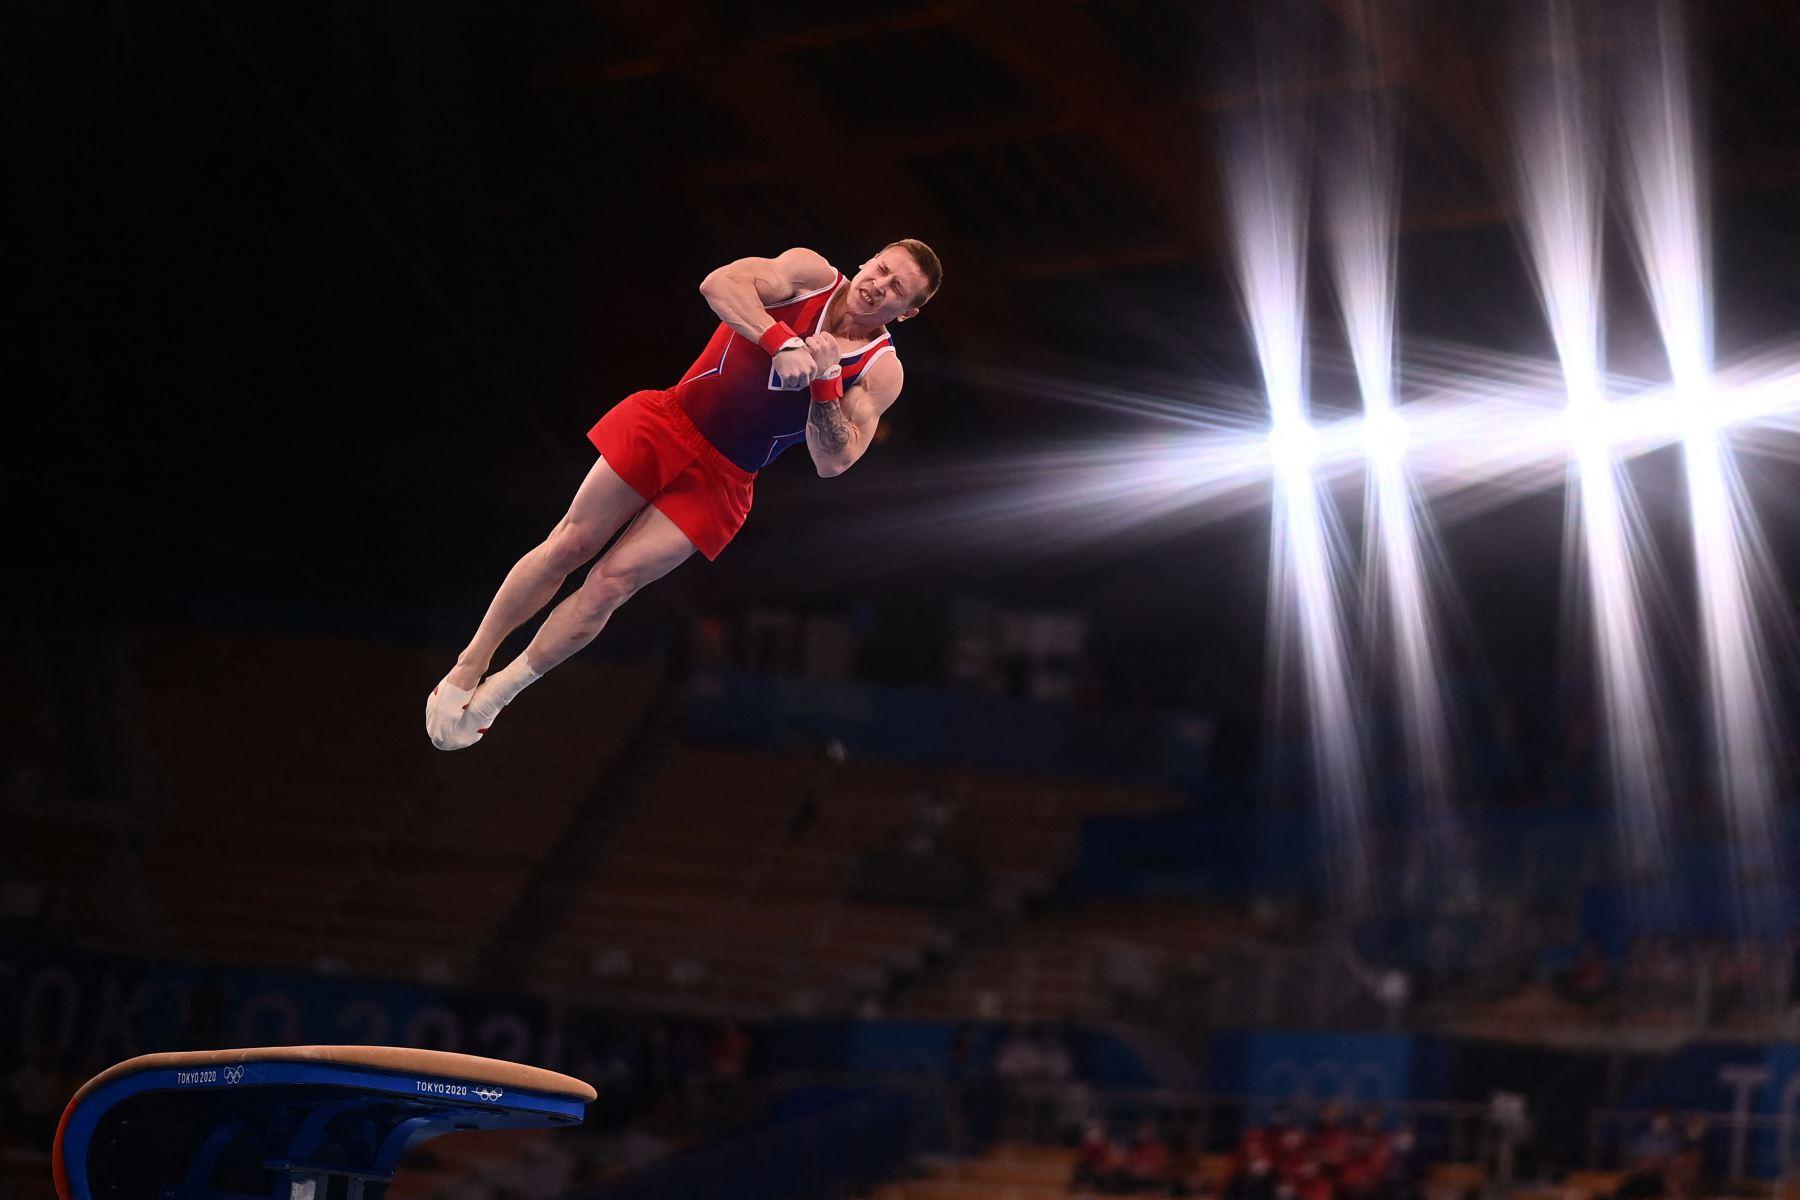 El ruso Denis Abliazin compite en la final de salto masculino de gimnasia artística de los Juegos Olímpicos de Tokio 2020 en el Centro de Gimnasia Ariake en Tokio. Foto: AFP